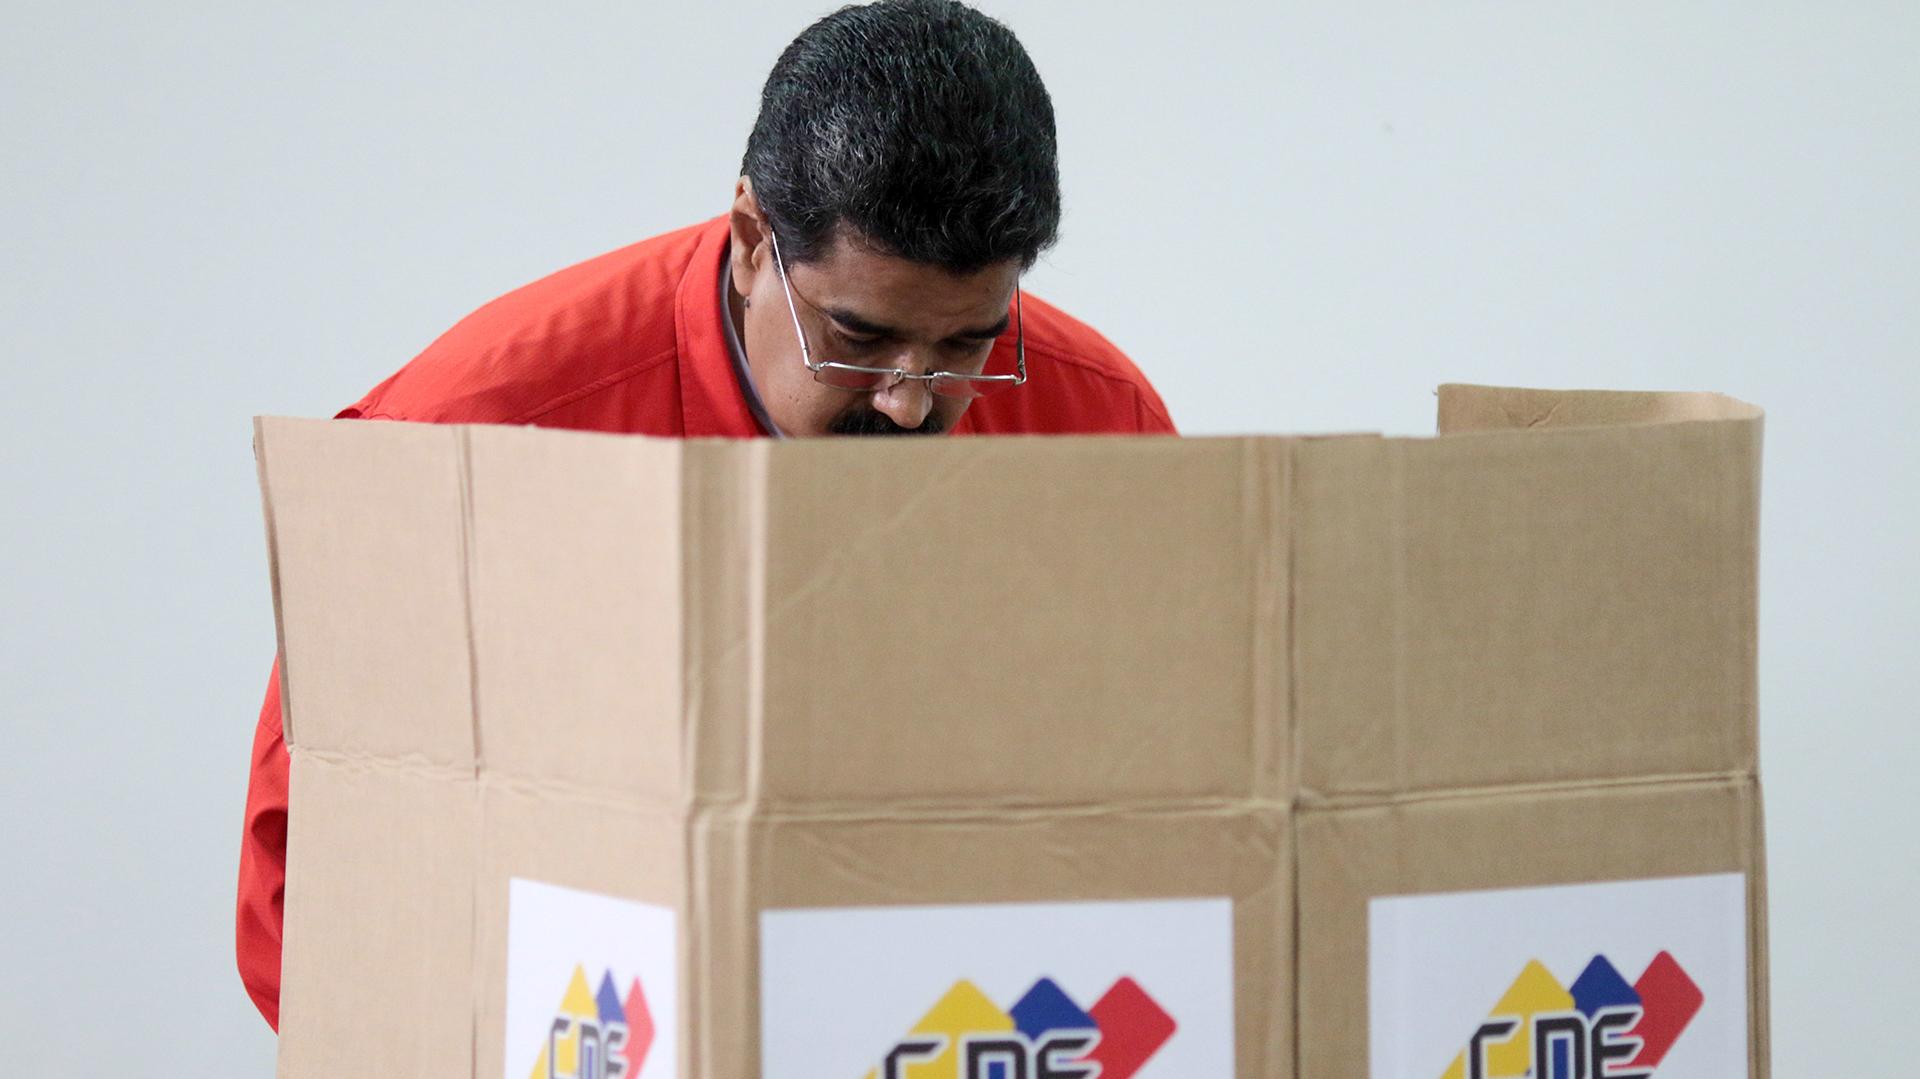 El jefe del régimen, Nicolás Maduro, emite su voto. Dijo que fue una jornada histórica en términos de participación. Se abstuvo el 87 por ciento de la sociedad venezolana (Reuters)